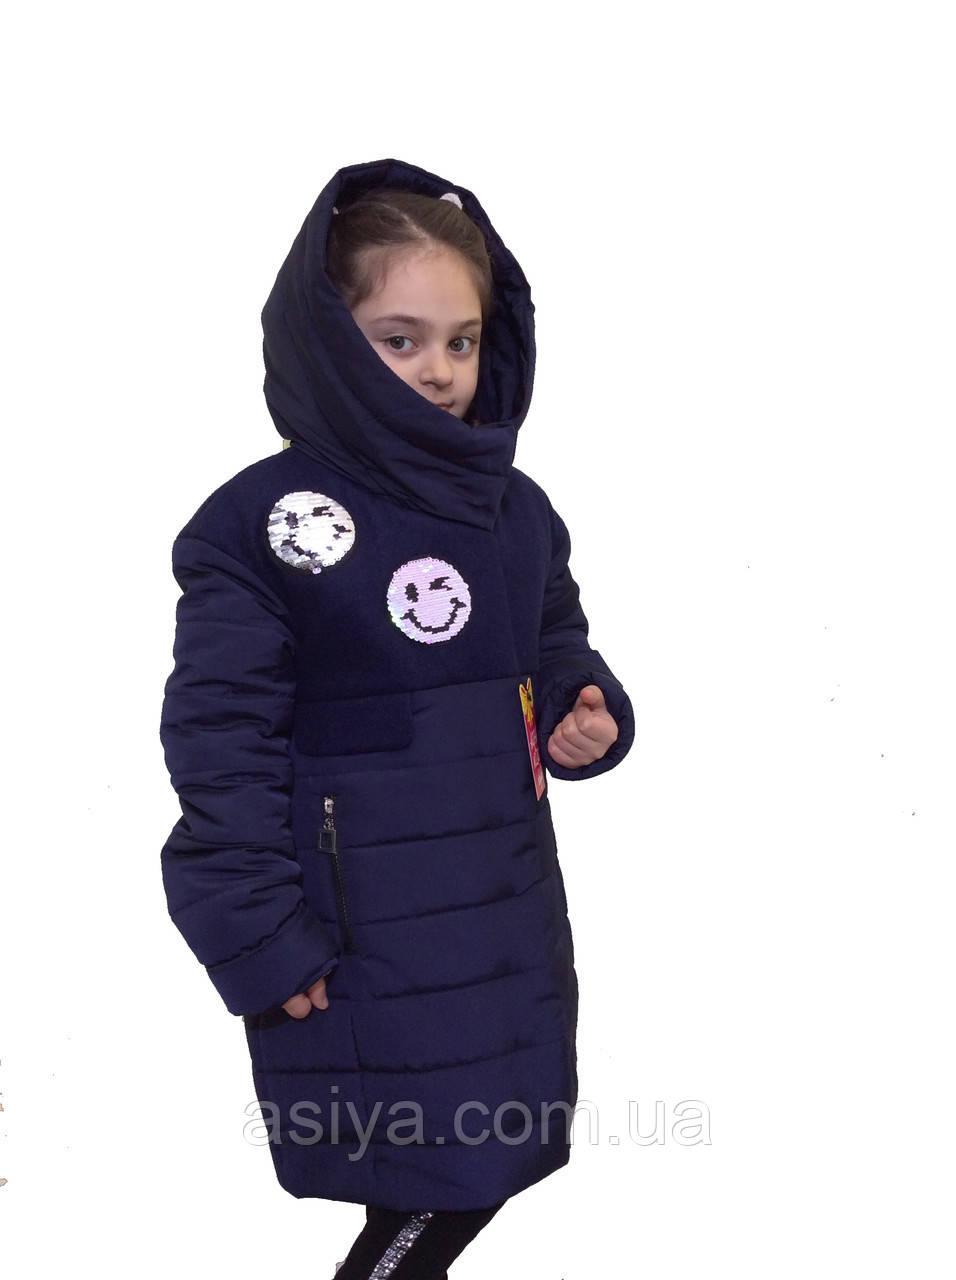 """Пальто детское для девочки """"Смайлик"""""""